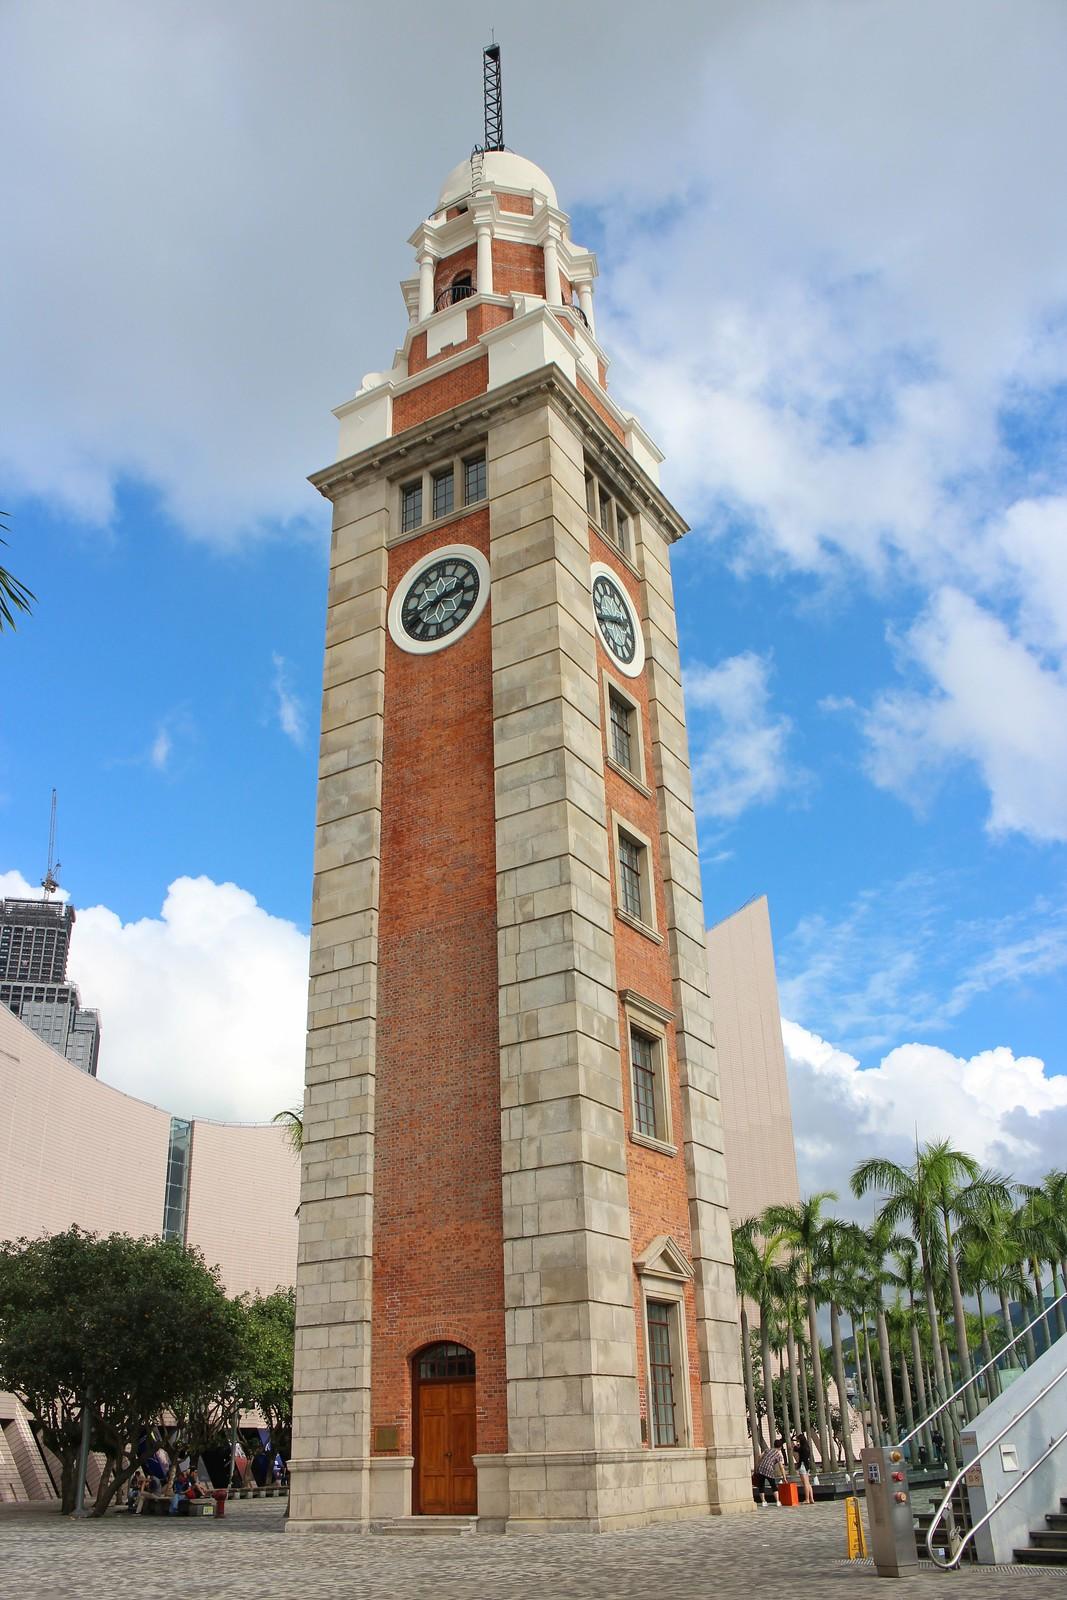 Torre del Reloj, Tsim Sha Tsui, Kowloon, Hong Kong, China